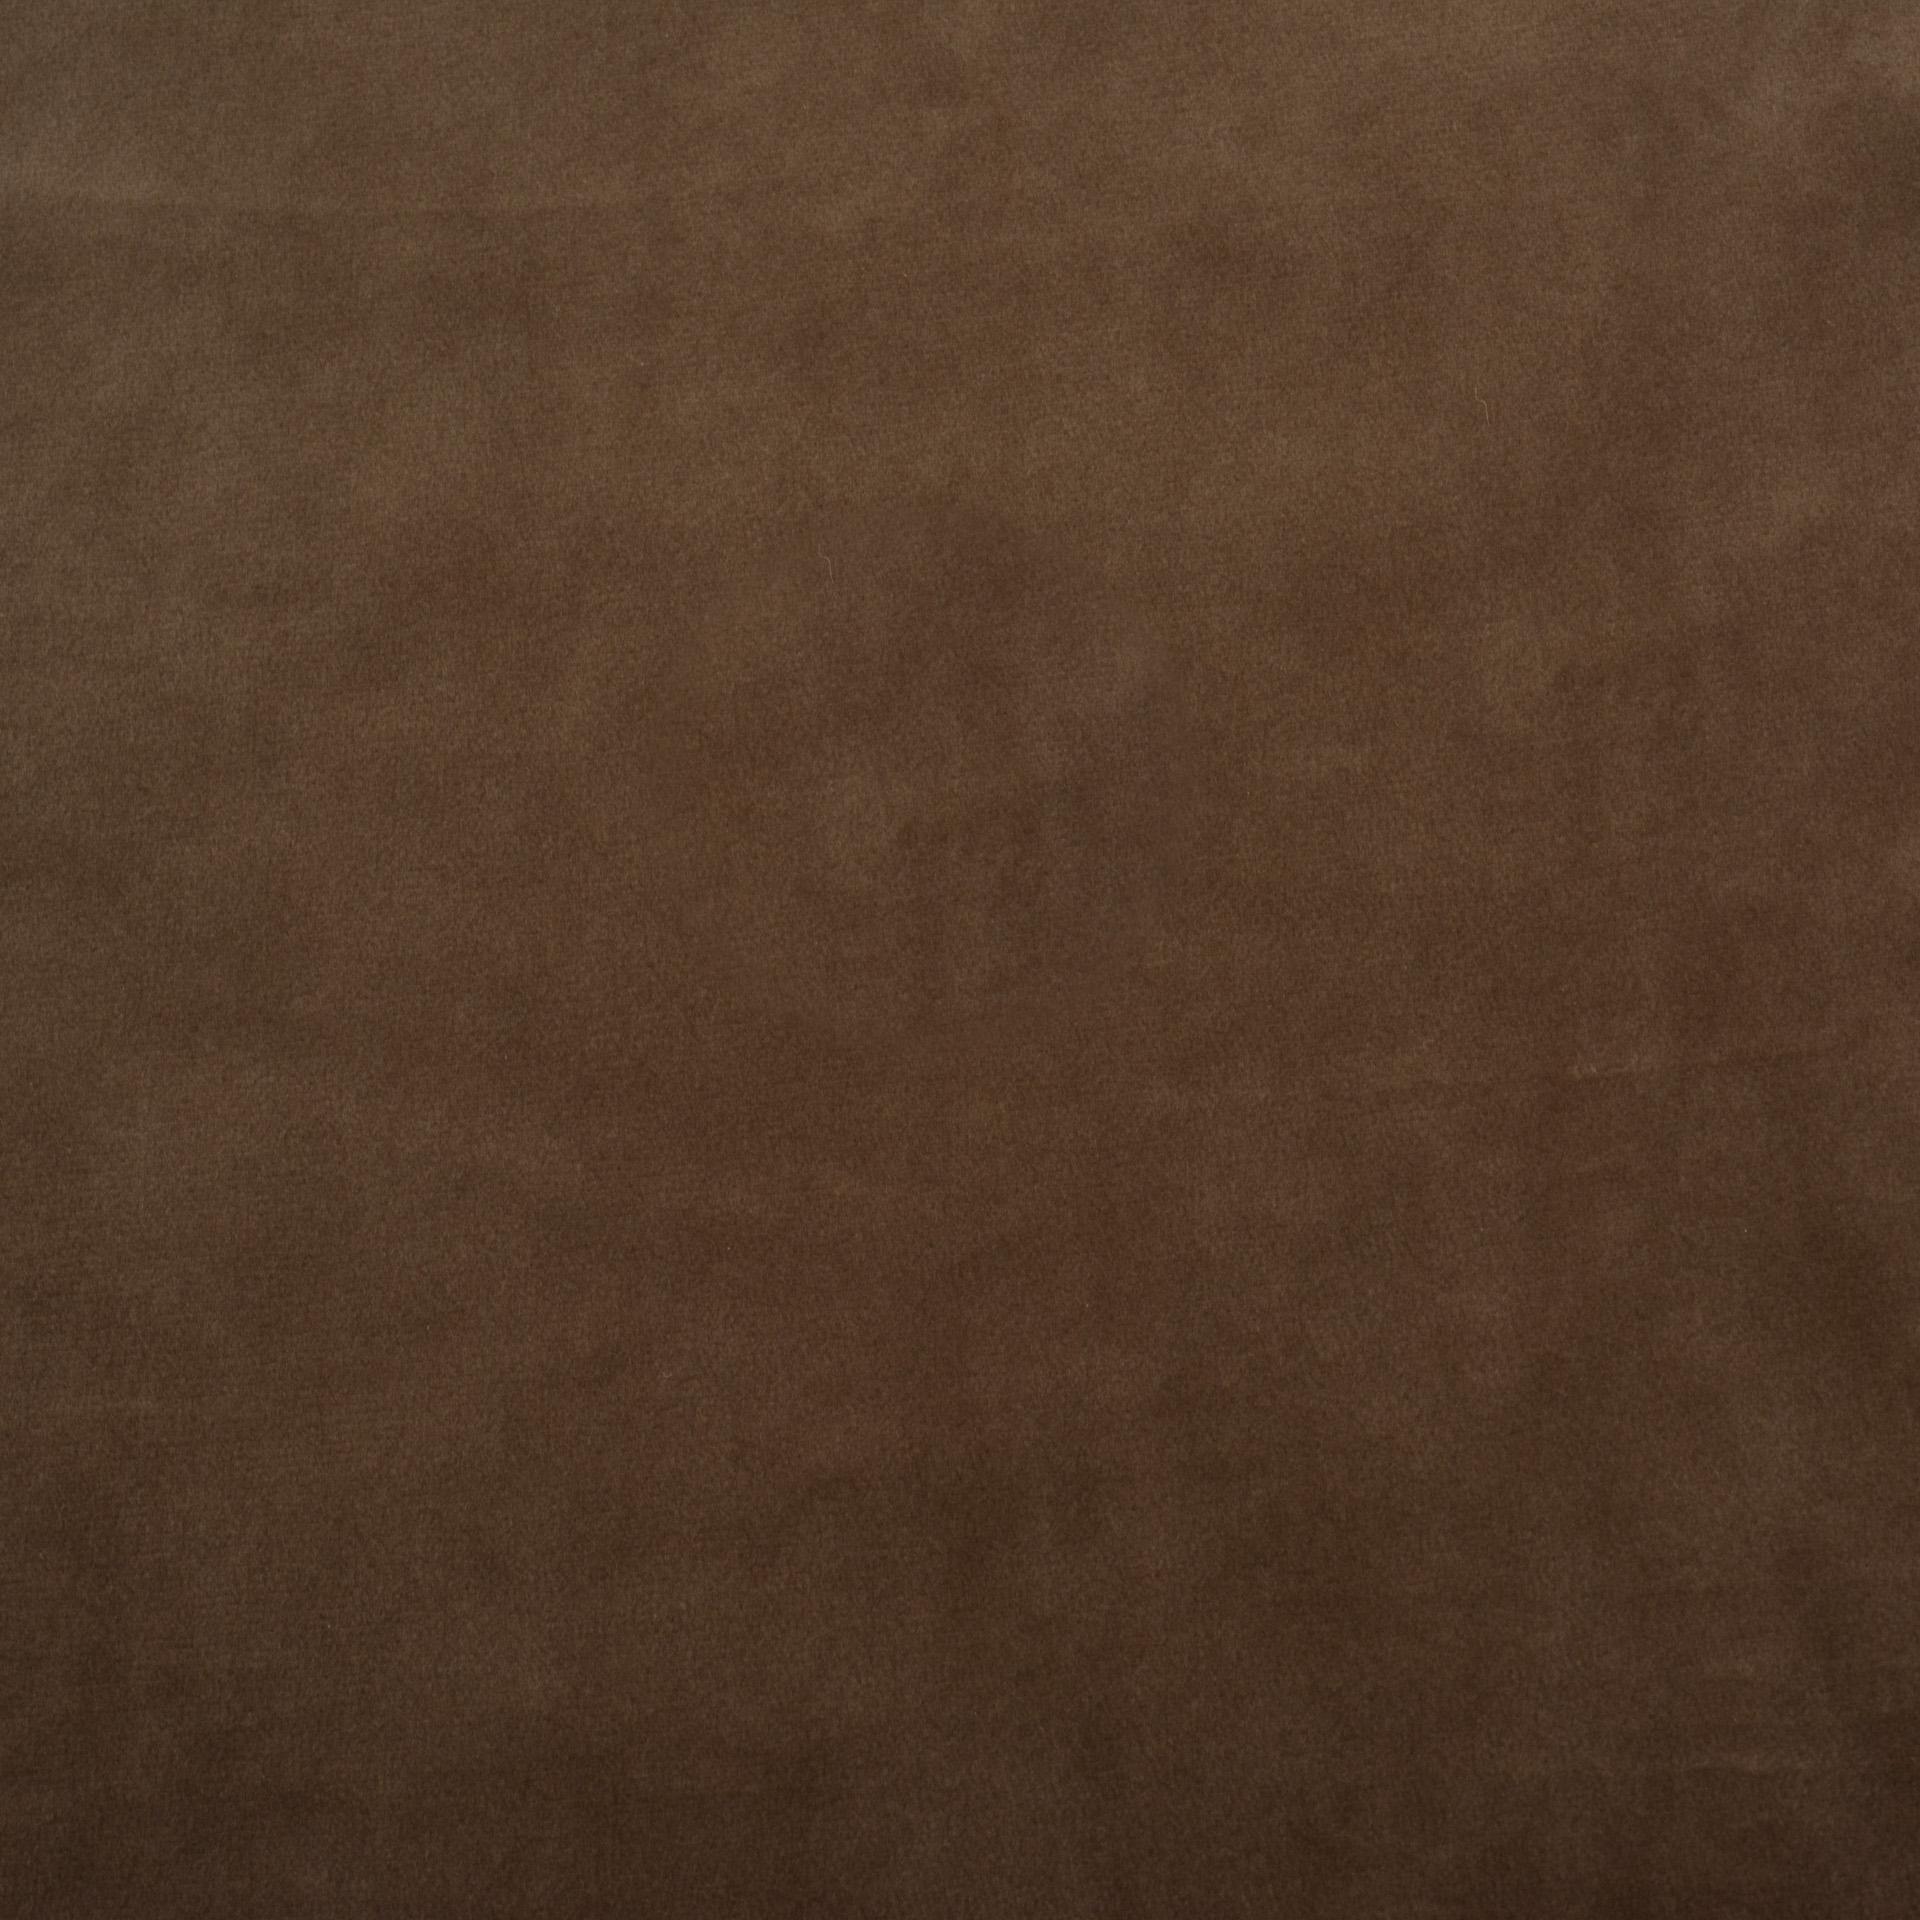 Коллекция ткани Альмира 14 HERBAL HONEY,  купить ткань Велюр для мебели Украина